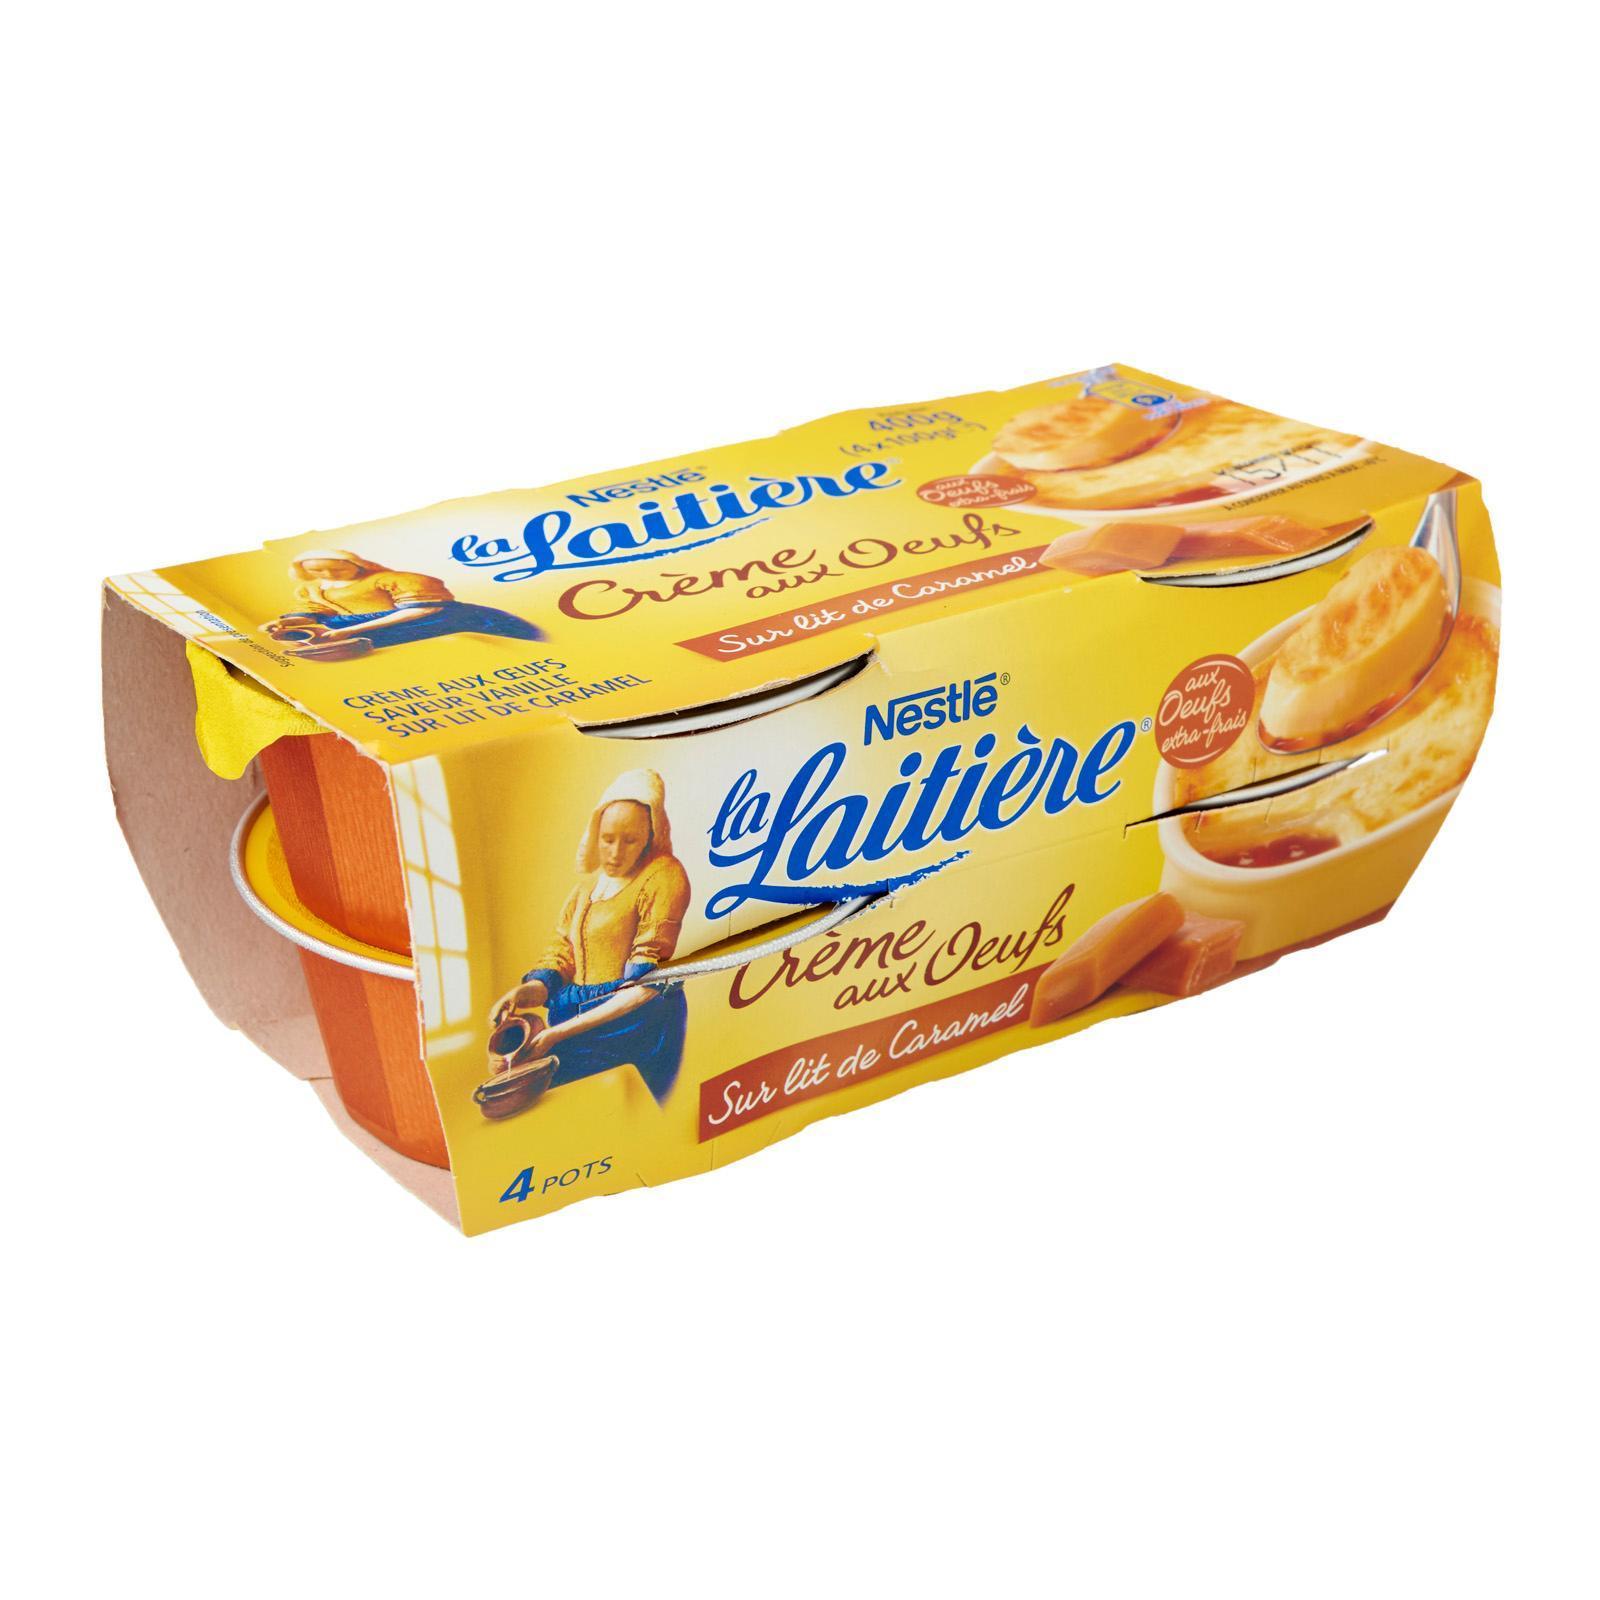 La Laitiere Creme Aux Oeufs With Caramel